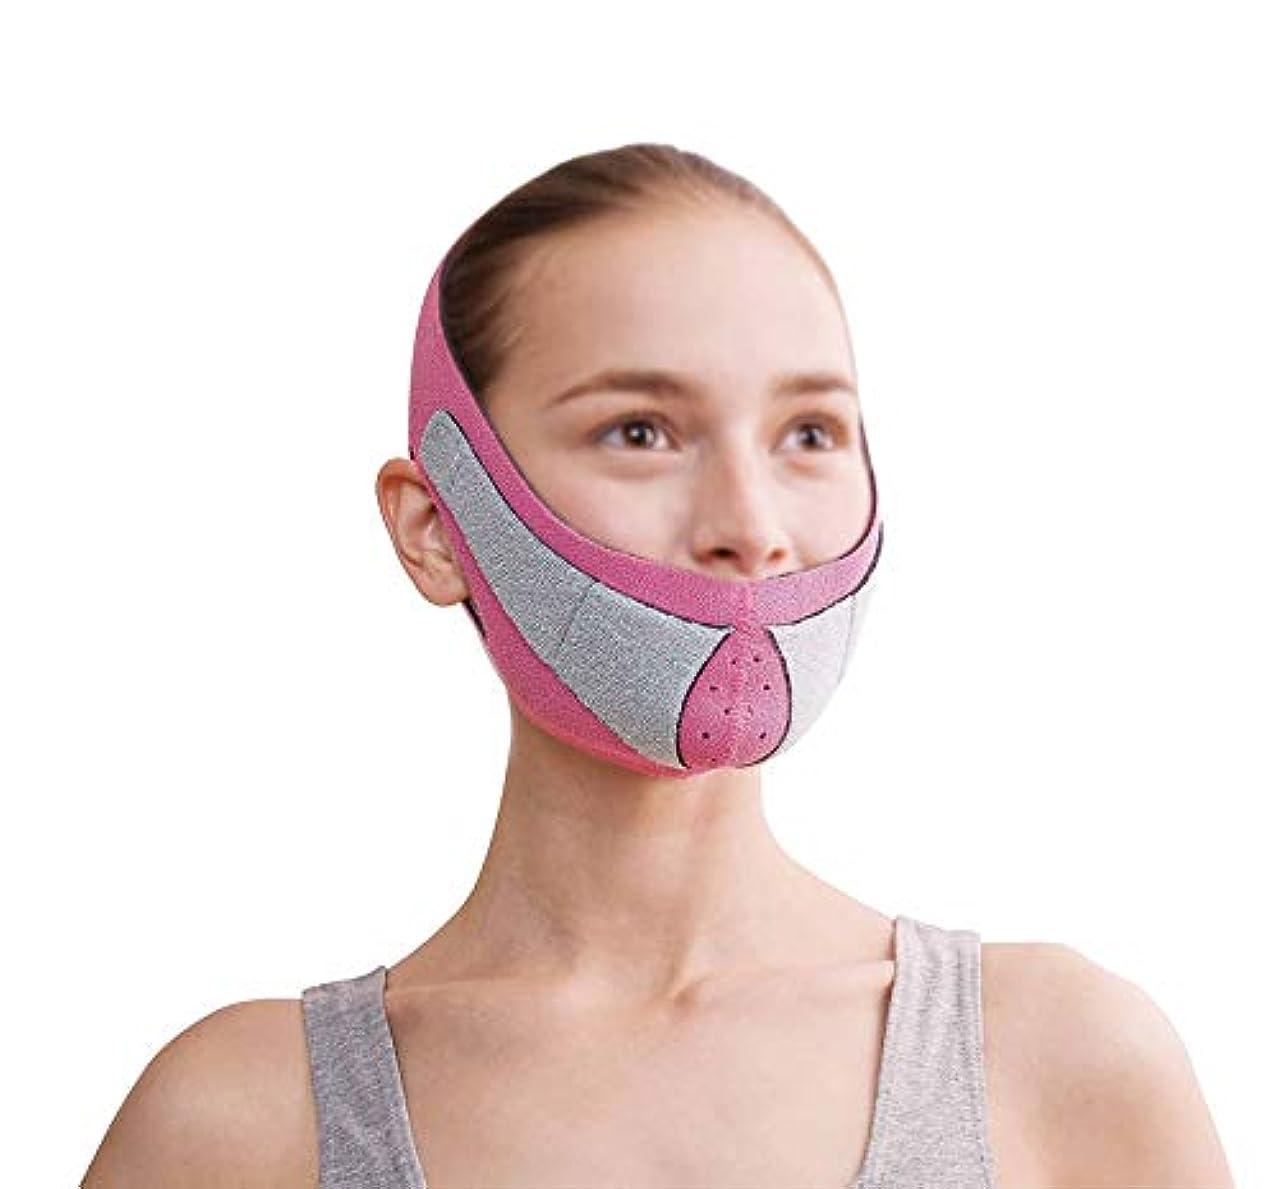 密接にエレクトロニック抹消GLJJQMY 薄い顔のマスクのマスクと垂れ下がり防止の薄い顔のマスク薄い顔のマスクのアーティファクトの美しさの首ネックストラップを引き締め 顔用整形マスク